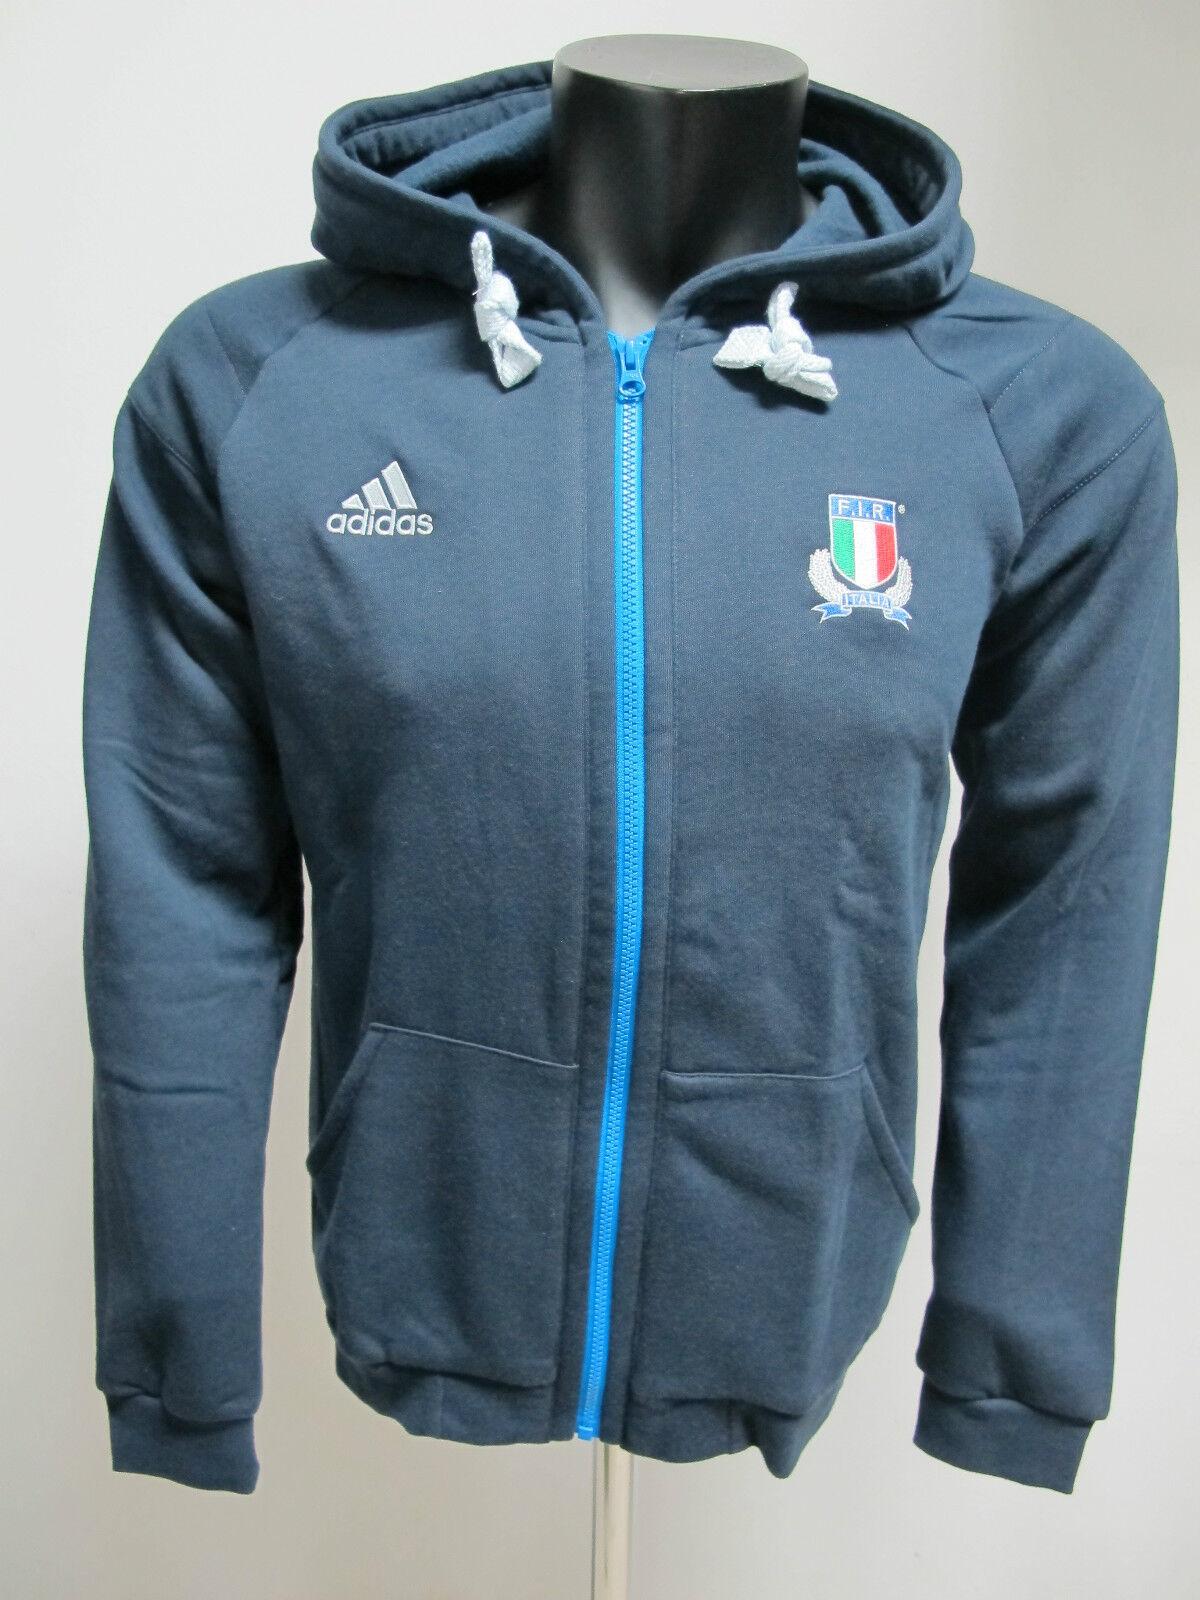 Adidas Herren-schweißhemd mit Kapuze Zip Mod.w68885 Farbe Blau GR.S Winter 2012